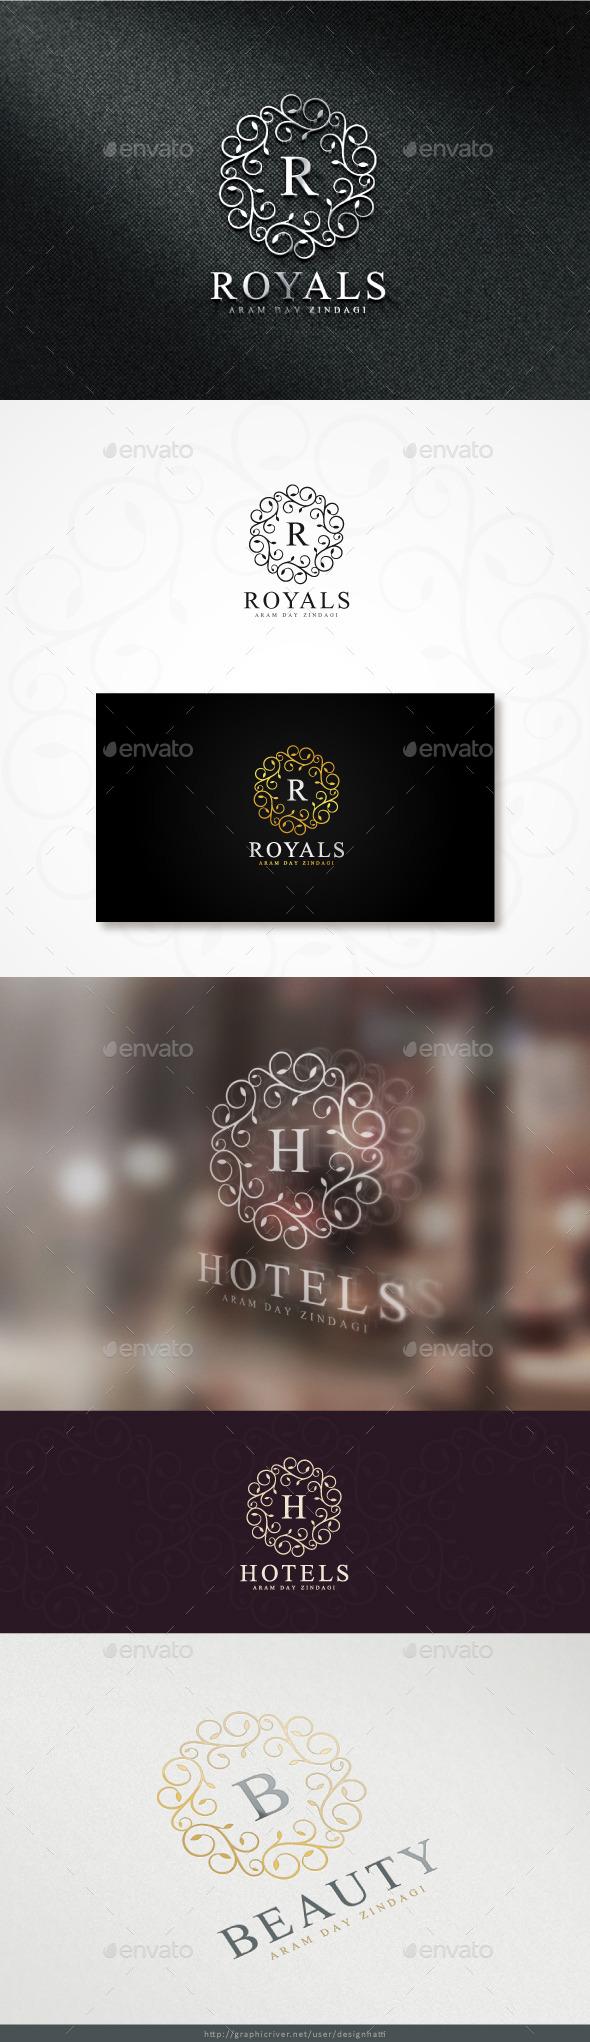 GraphicRiver Royals Logo 11353795